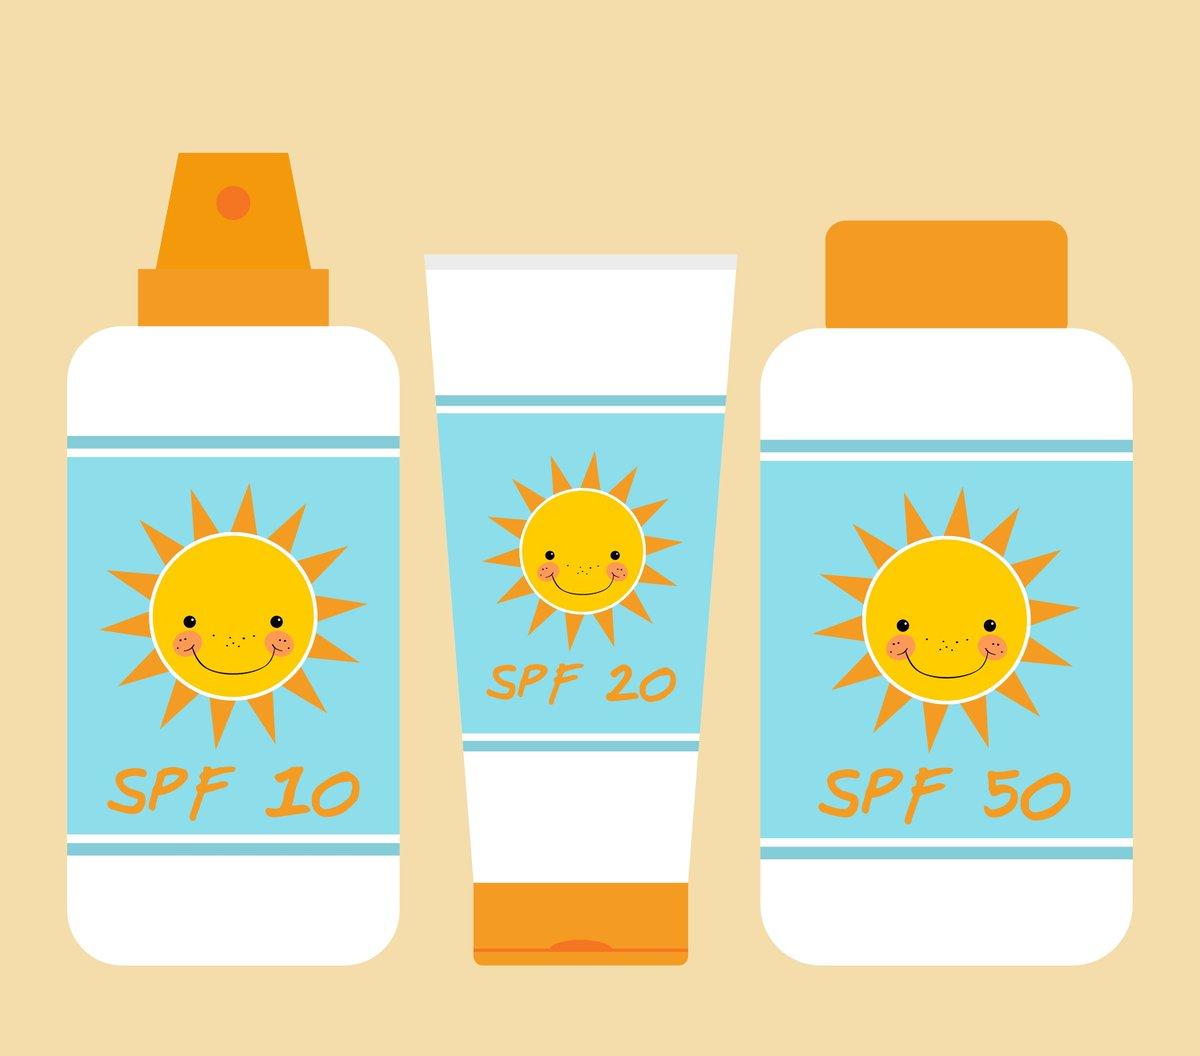 9 lầm tưởng 'to đùng' về kem chống nắng - Ảnh 2